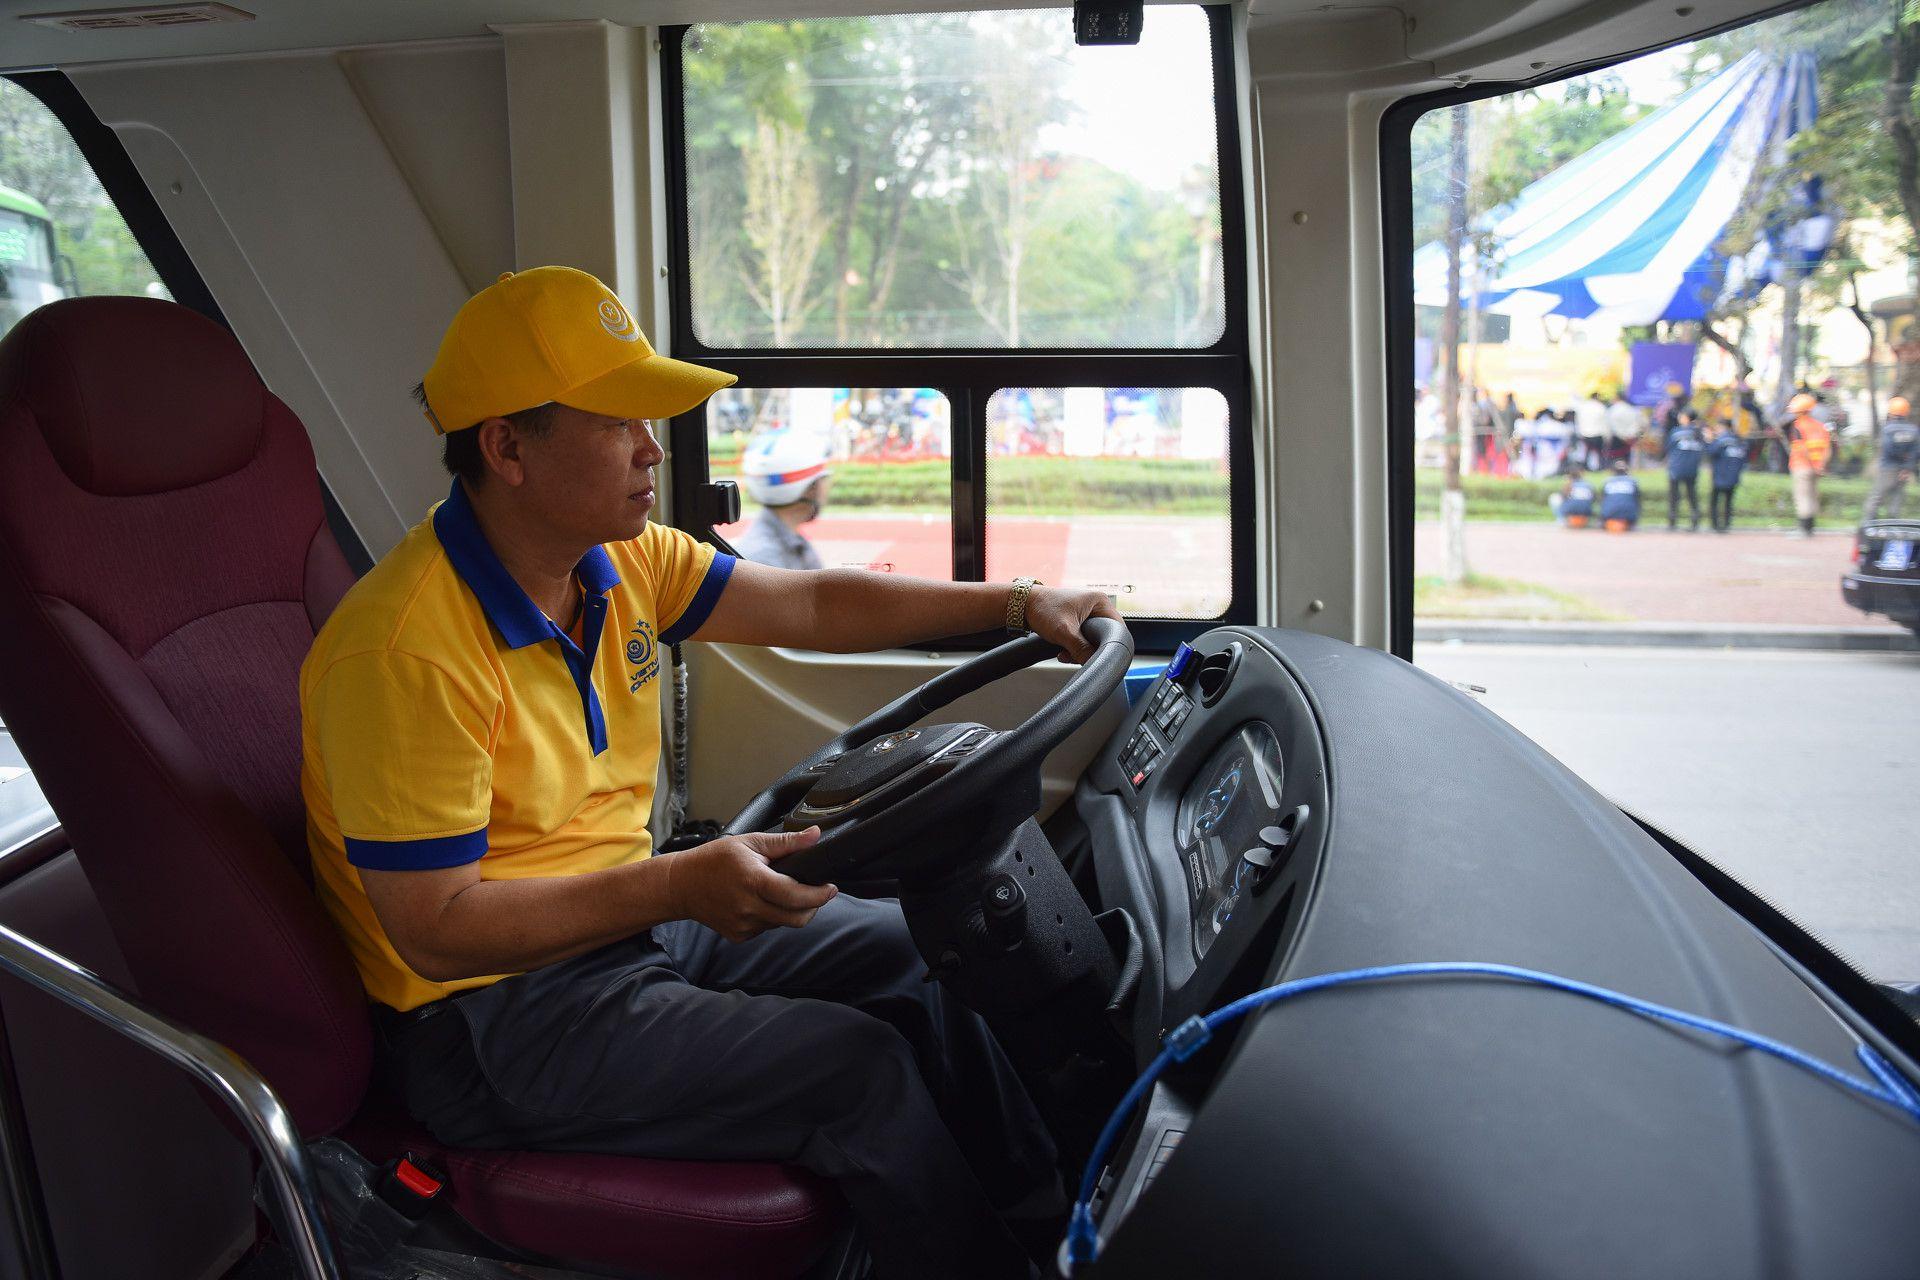 Xe buýt 2 tầng màu mới xuất hiện trên đường Hà Nội Ảnh 5